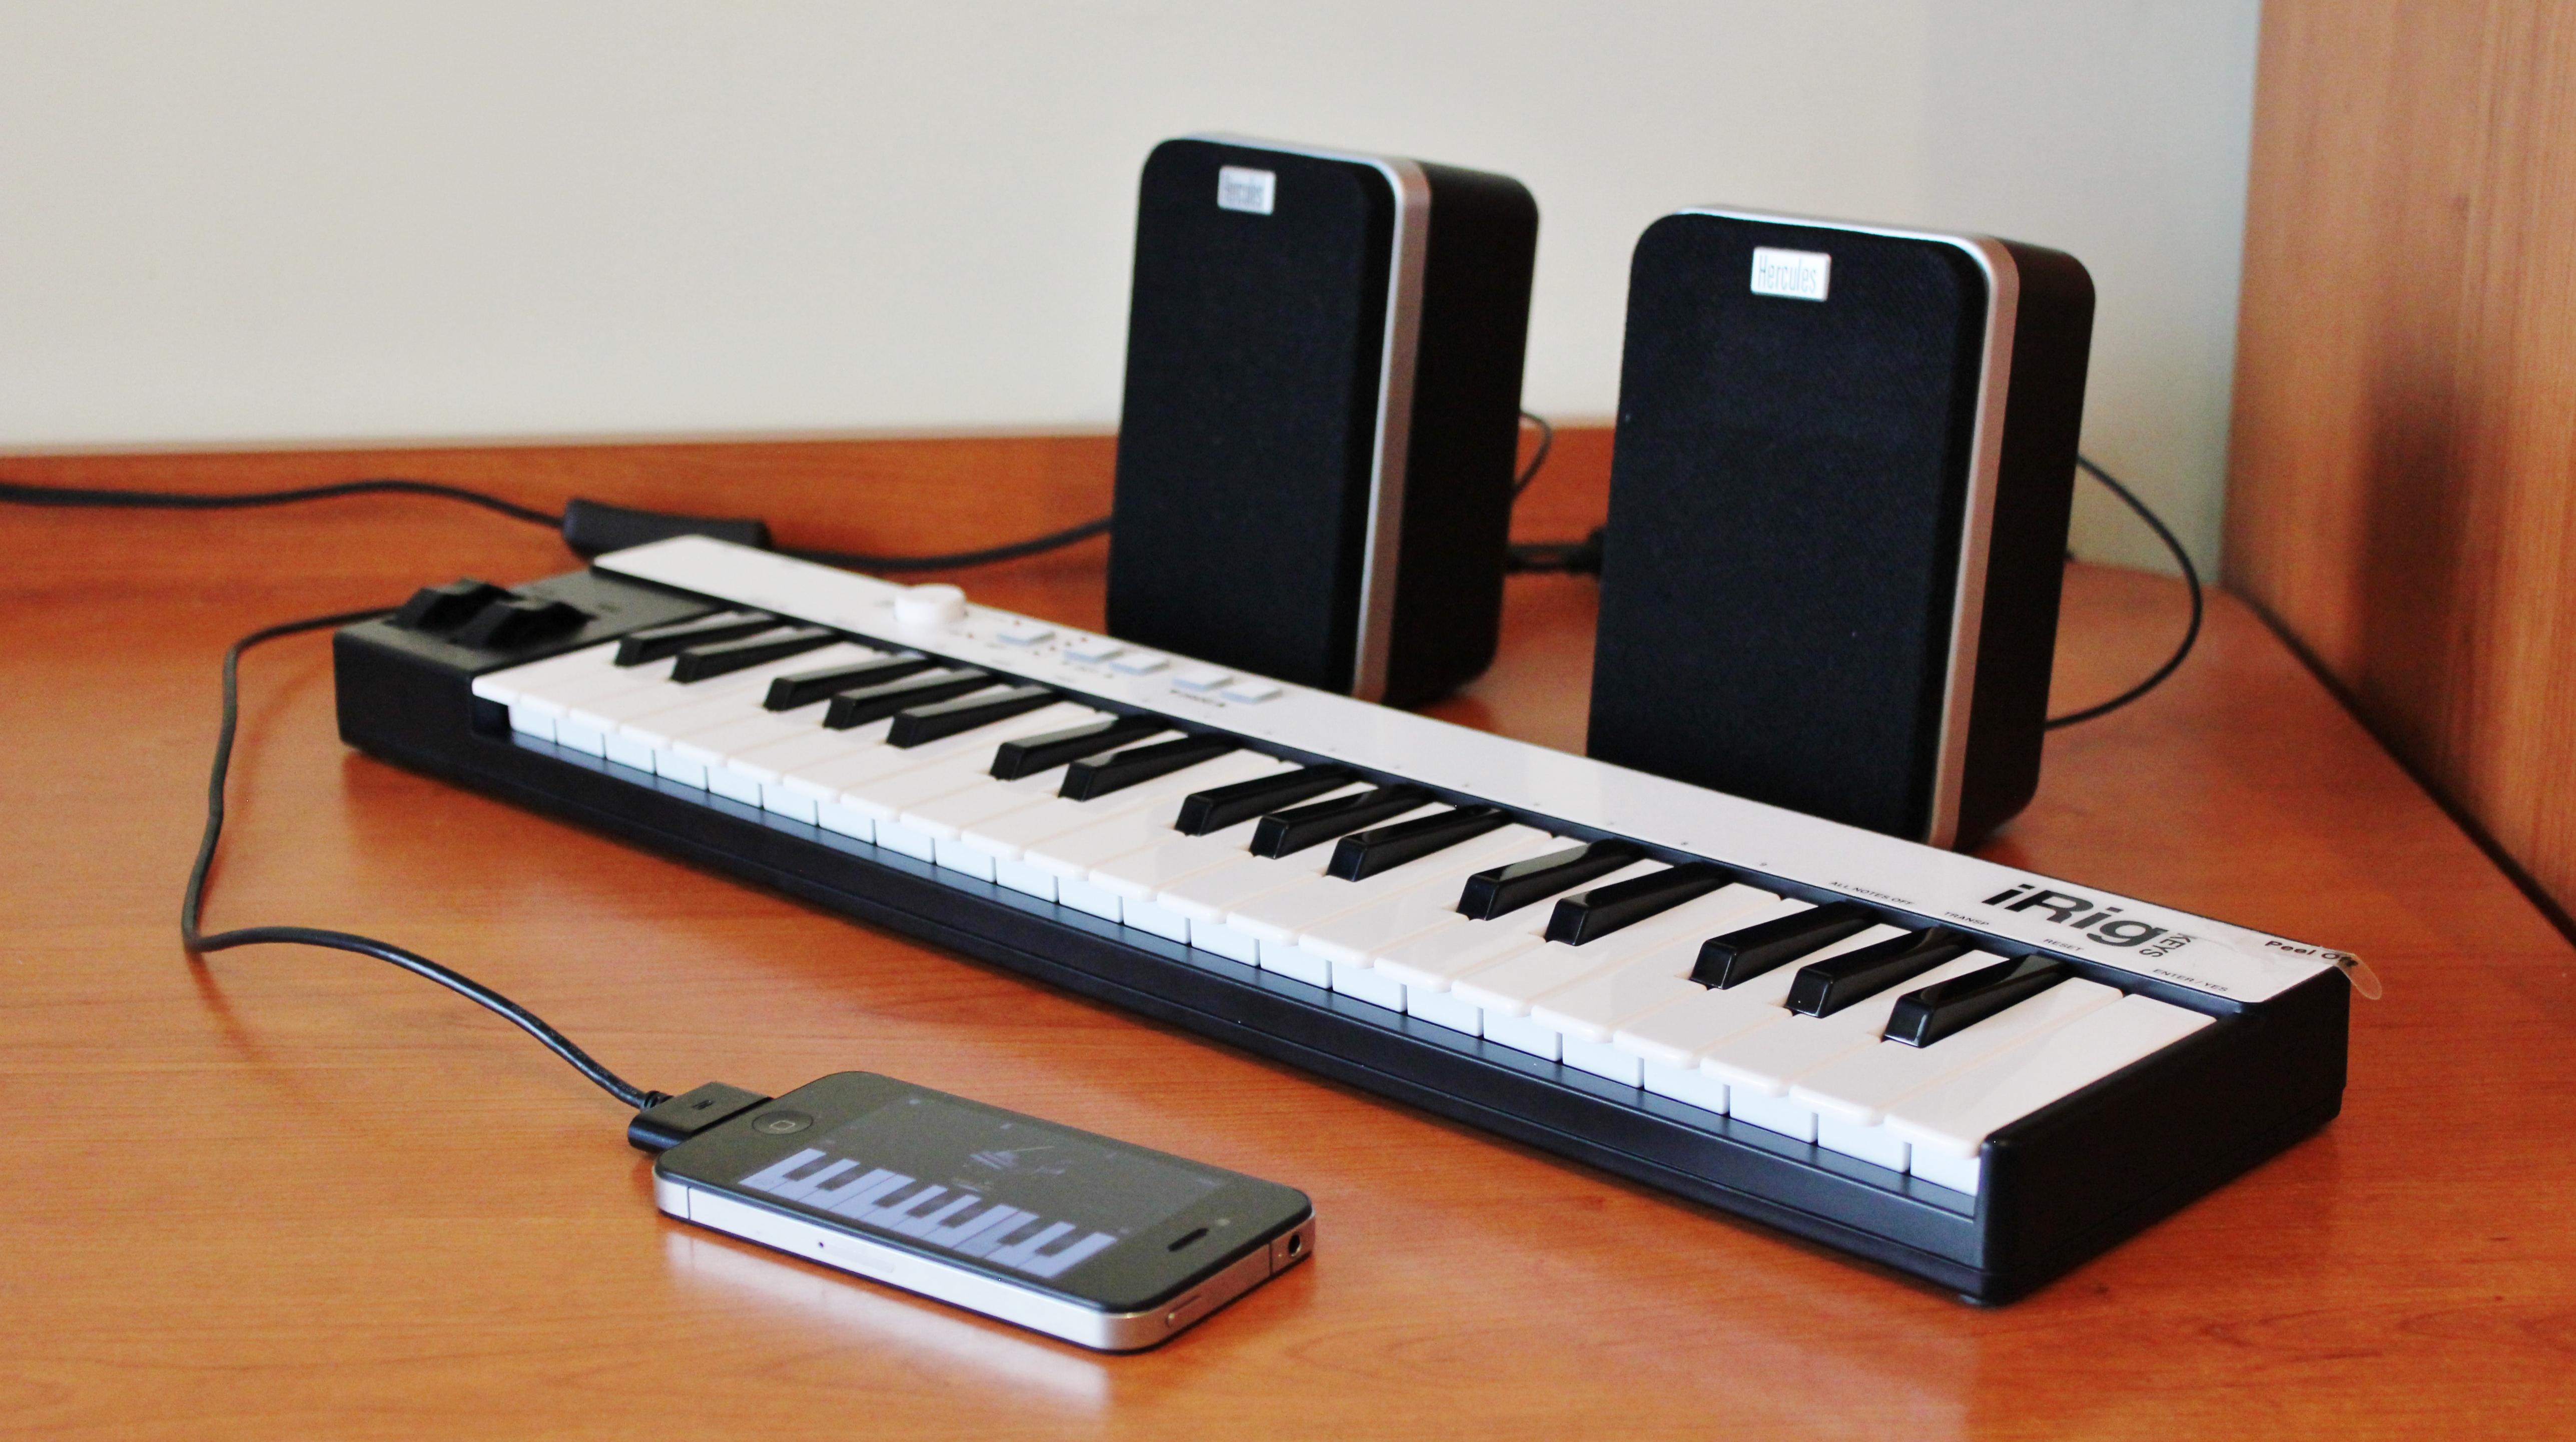 iRig Keys - iSpazio (8)